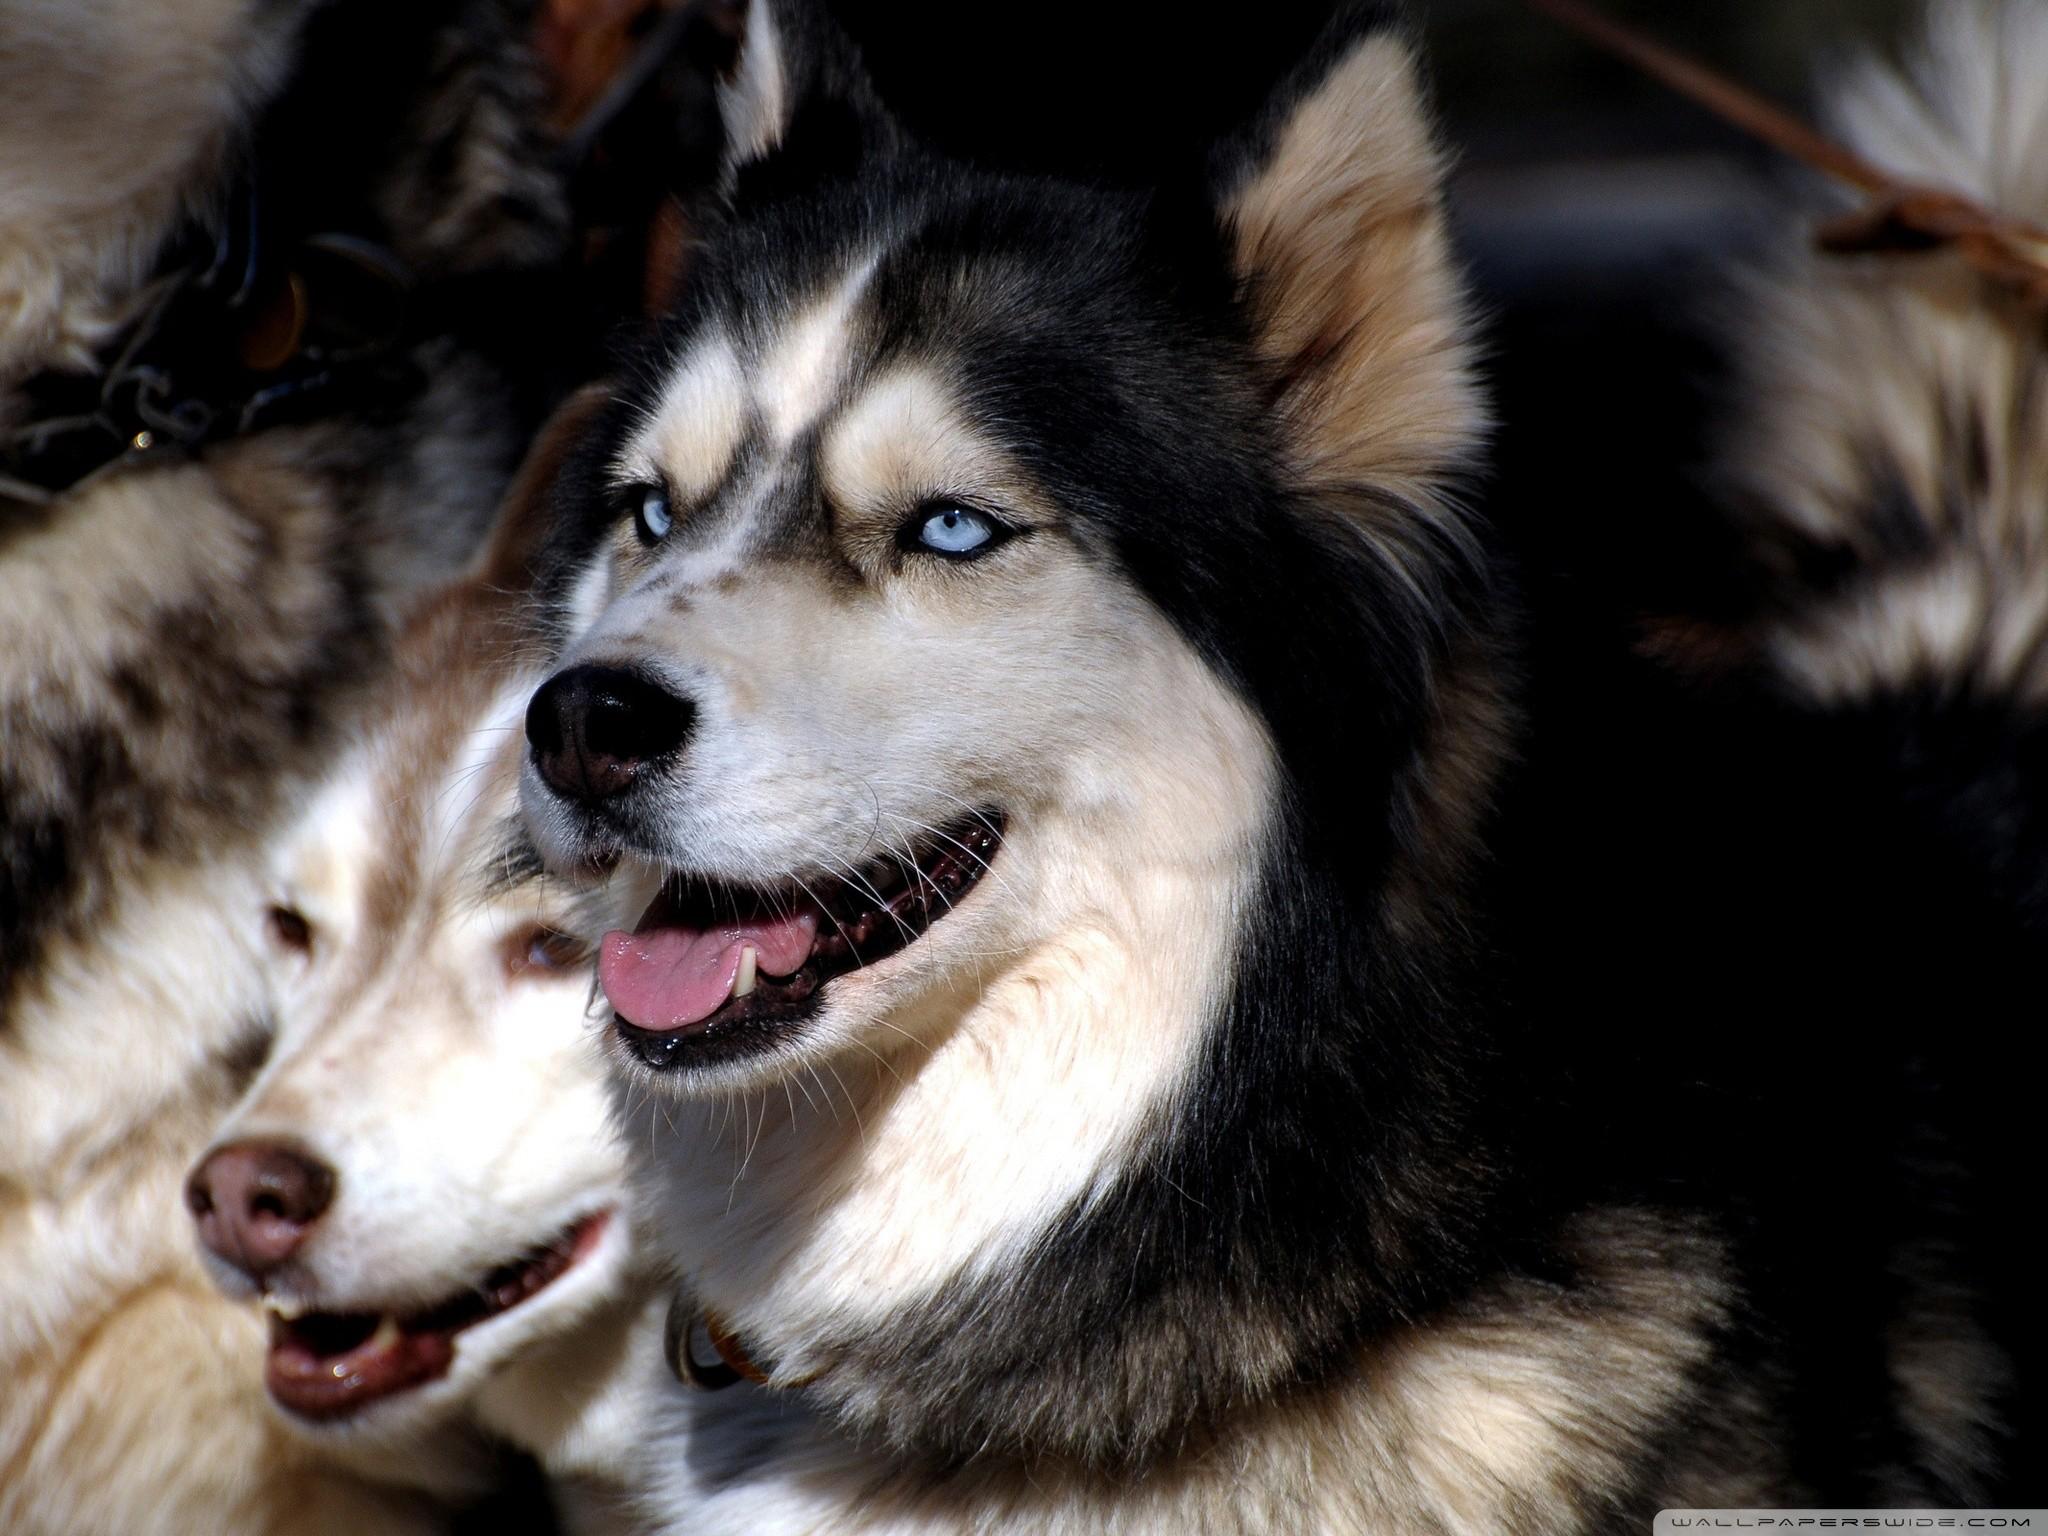 husky dogs hd desktop wallpaper : widescreen : high definition